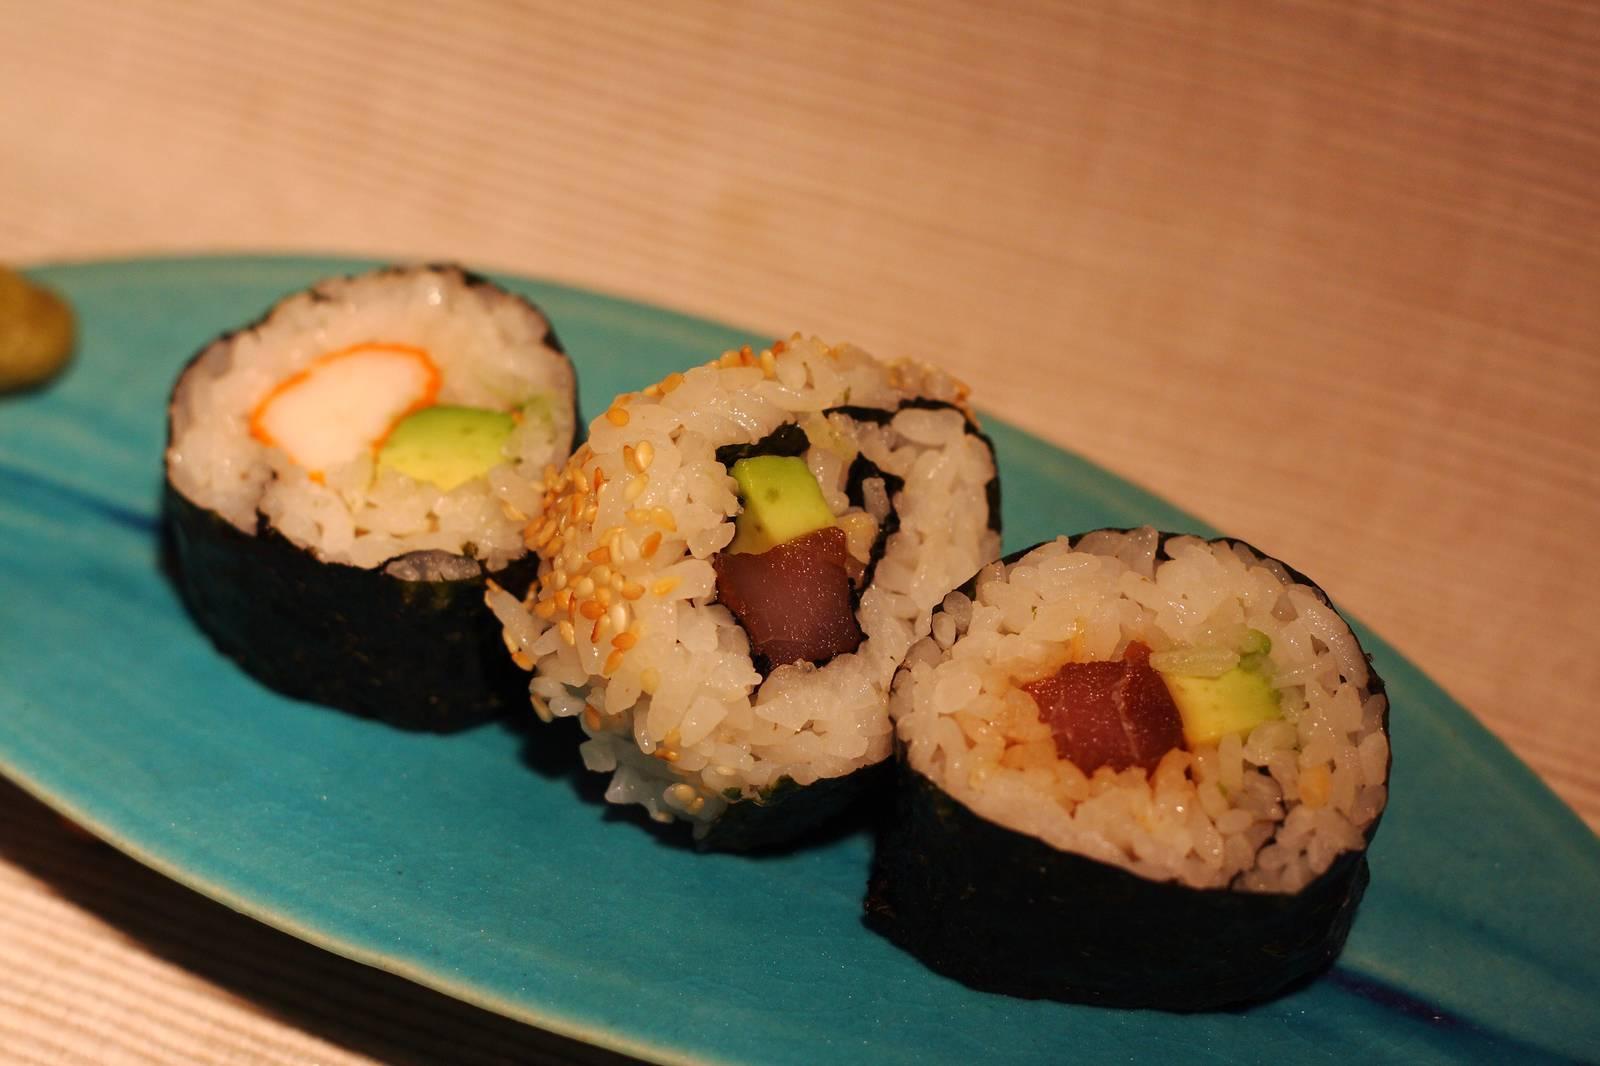 Cours de cuisine japonaise lyon langues lyon langues - Cours de cuisine japonaise lyon ...